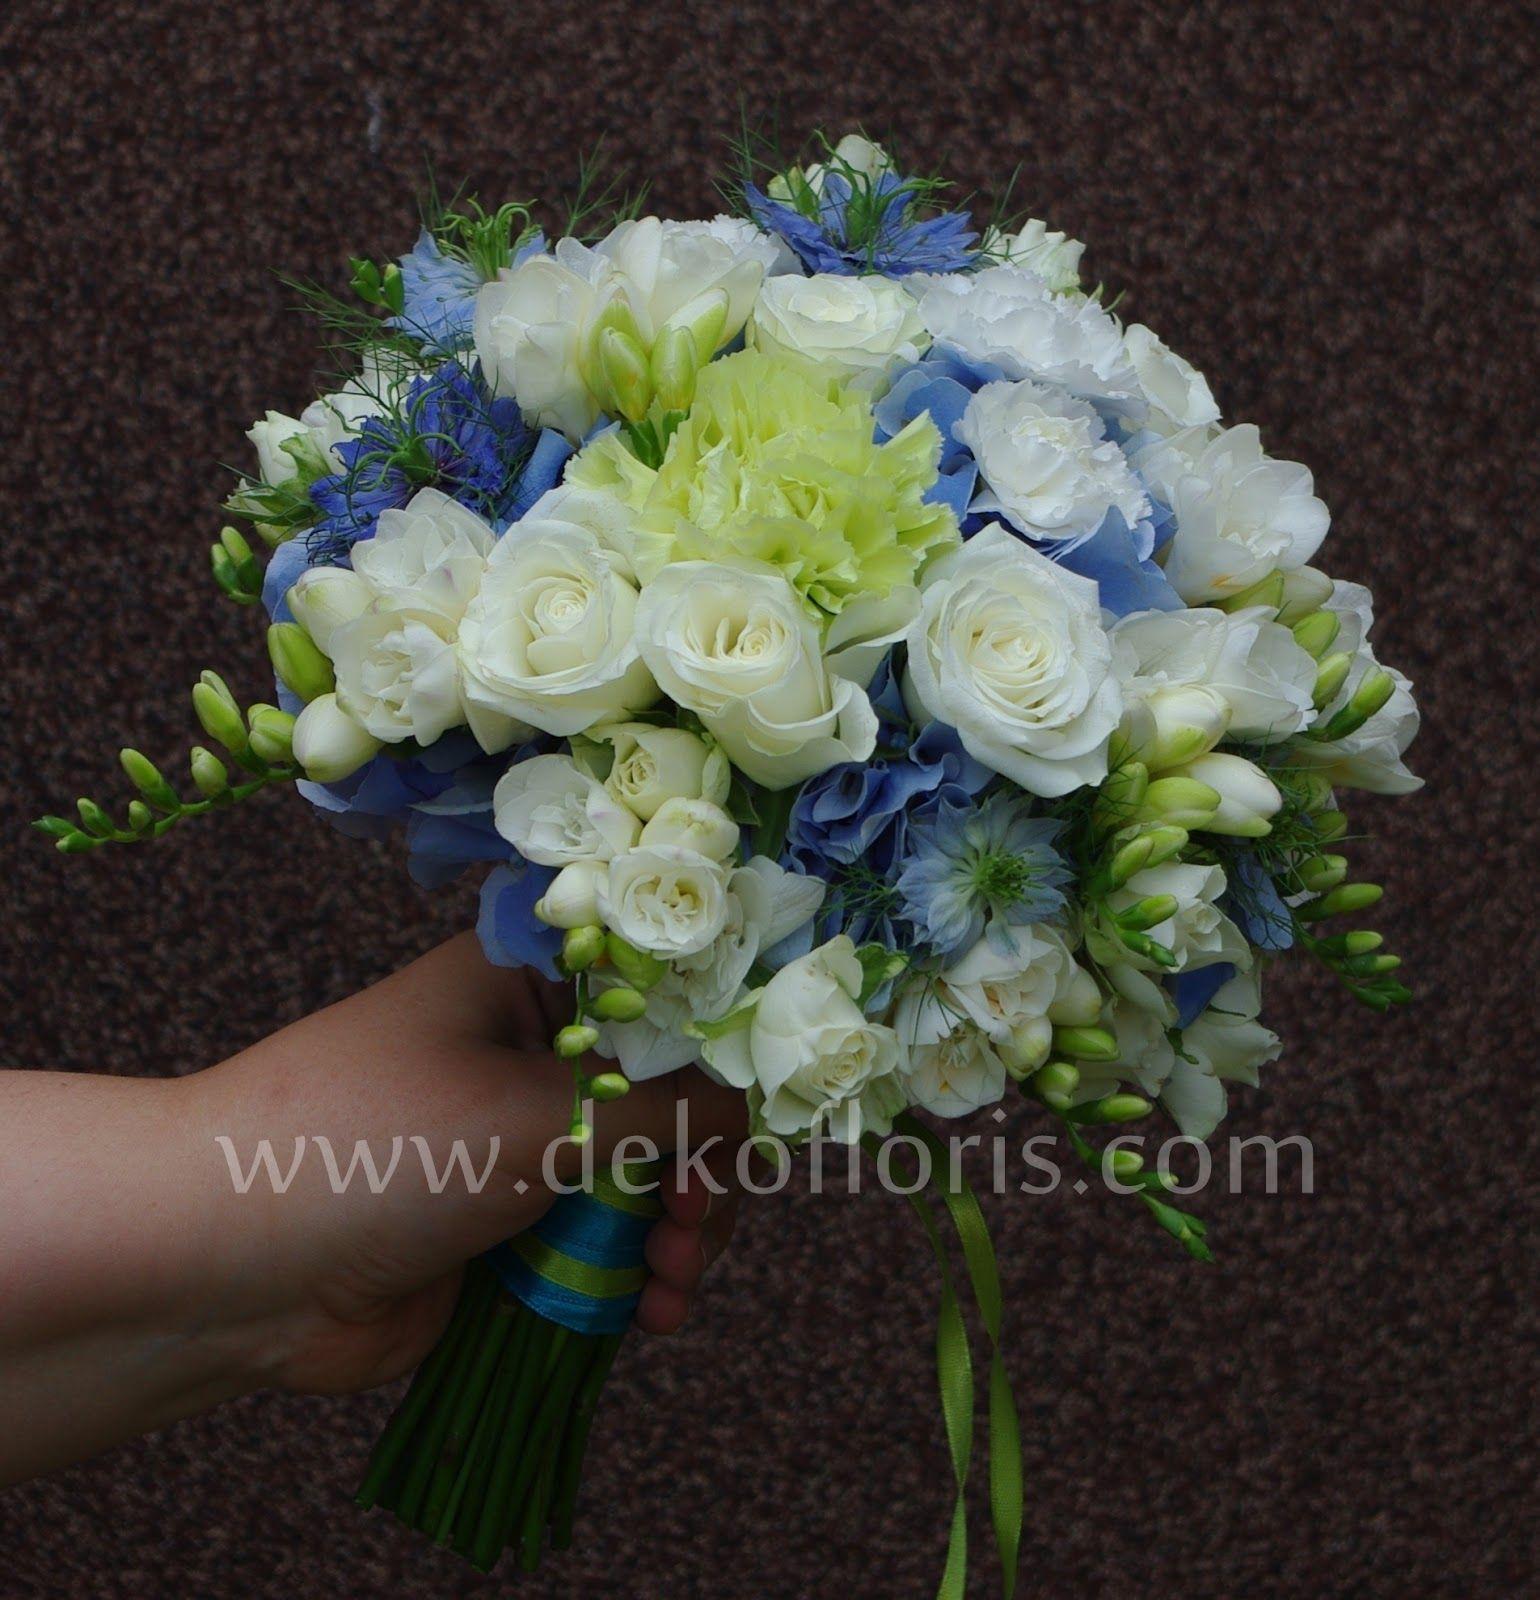 Bukiet ślubny niebiesko biały z zielonym akcentem ...